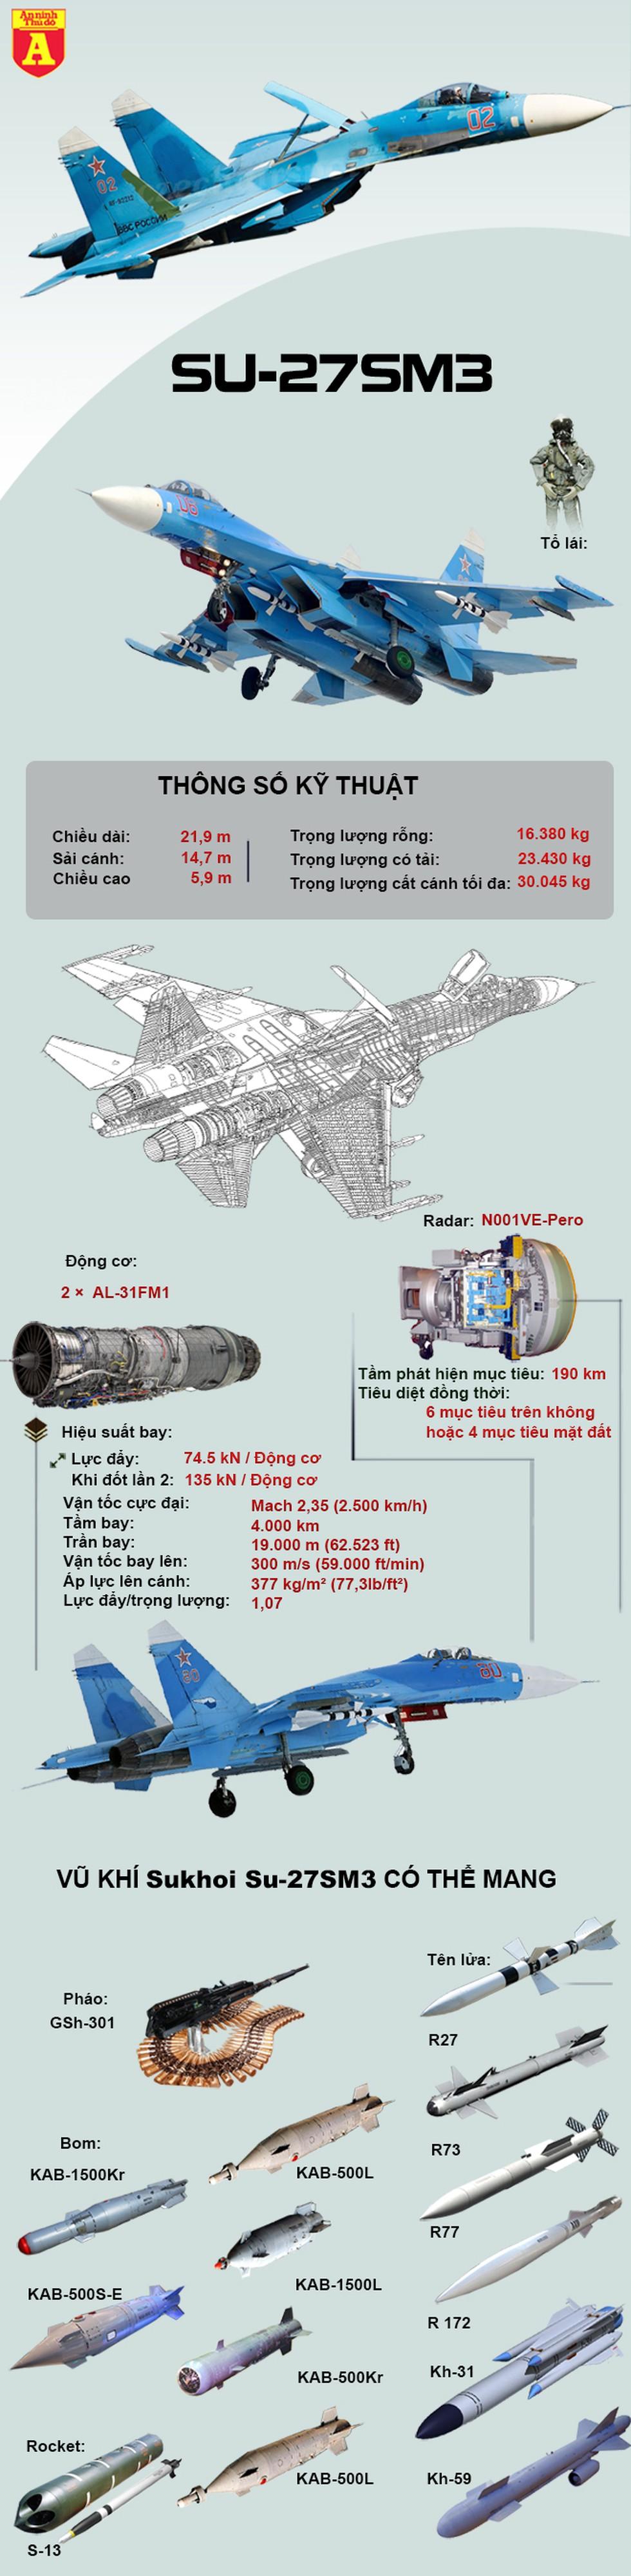 [Infographics] Chiến đấu cơ Su-27 lao xuống đất bốc cháy, hai phi công thiệt mạng - Ảnh 1